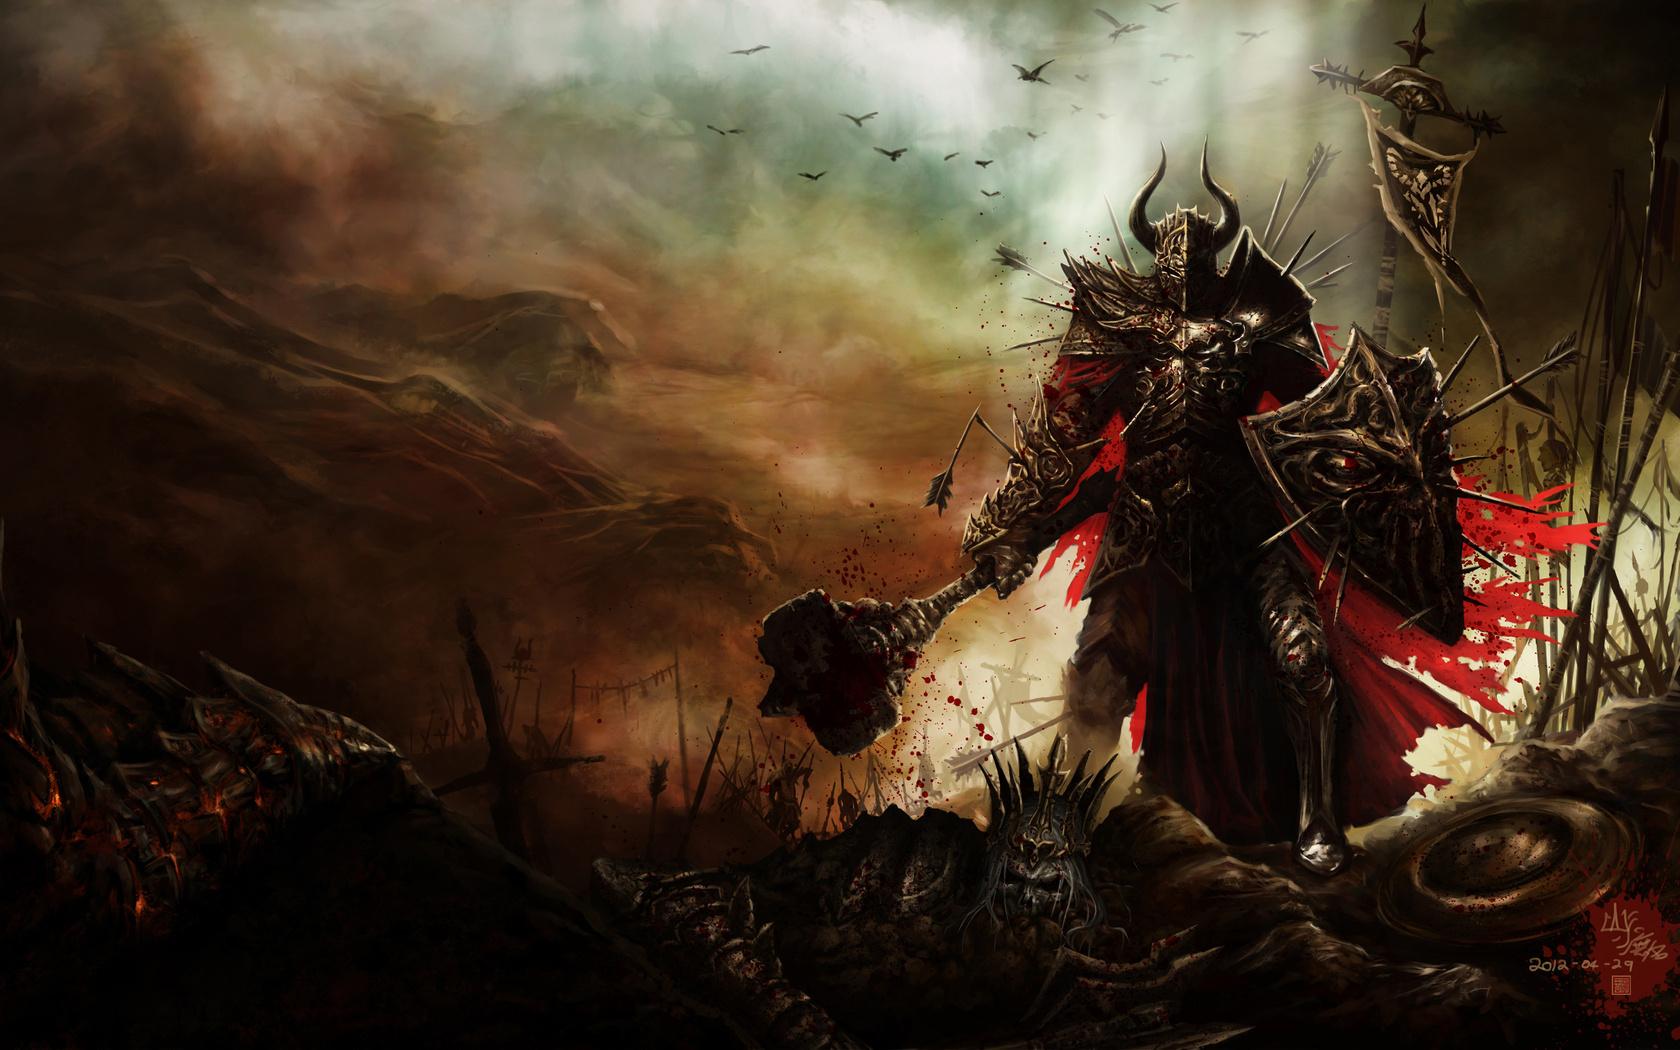 рыцарь на поле боя, рисунок, скачать обои для рабочего стола